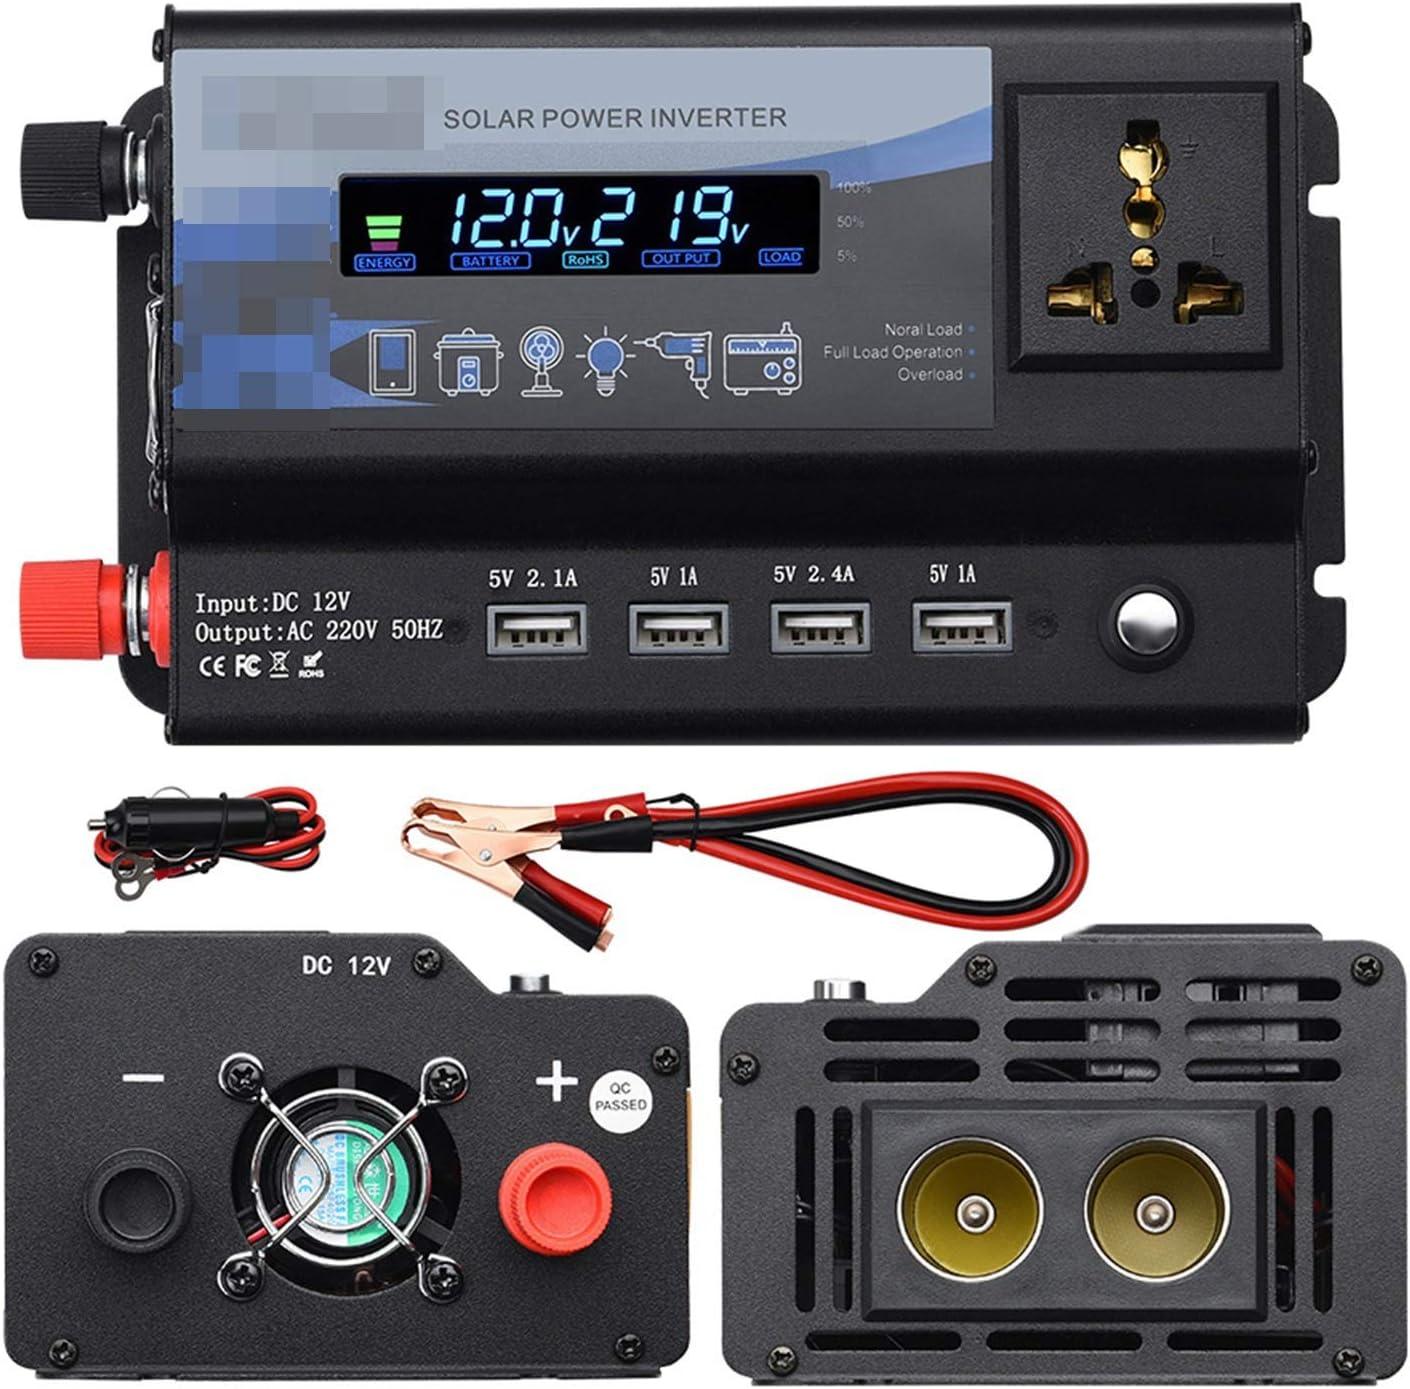 GAOLE 6000W / 4000W / 3000W INVERTIDOR INTELIGENTE DE COCHES 4 Puertos de salida USB Convertidor de onda sinusoidal modificada con pantalla LCD 110V / 240V